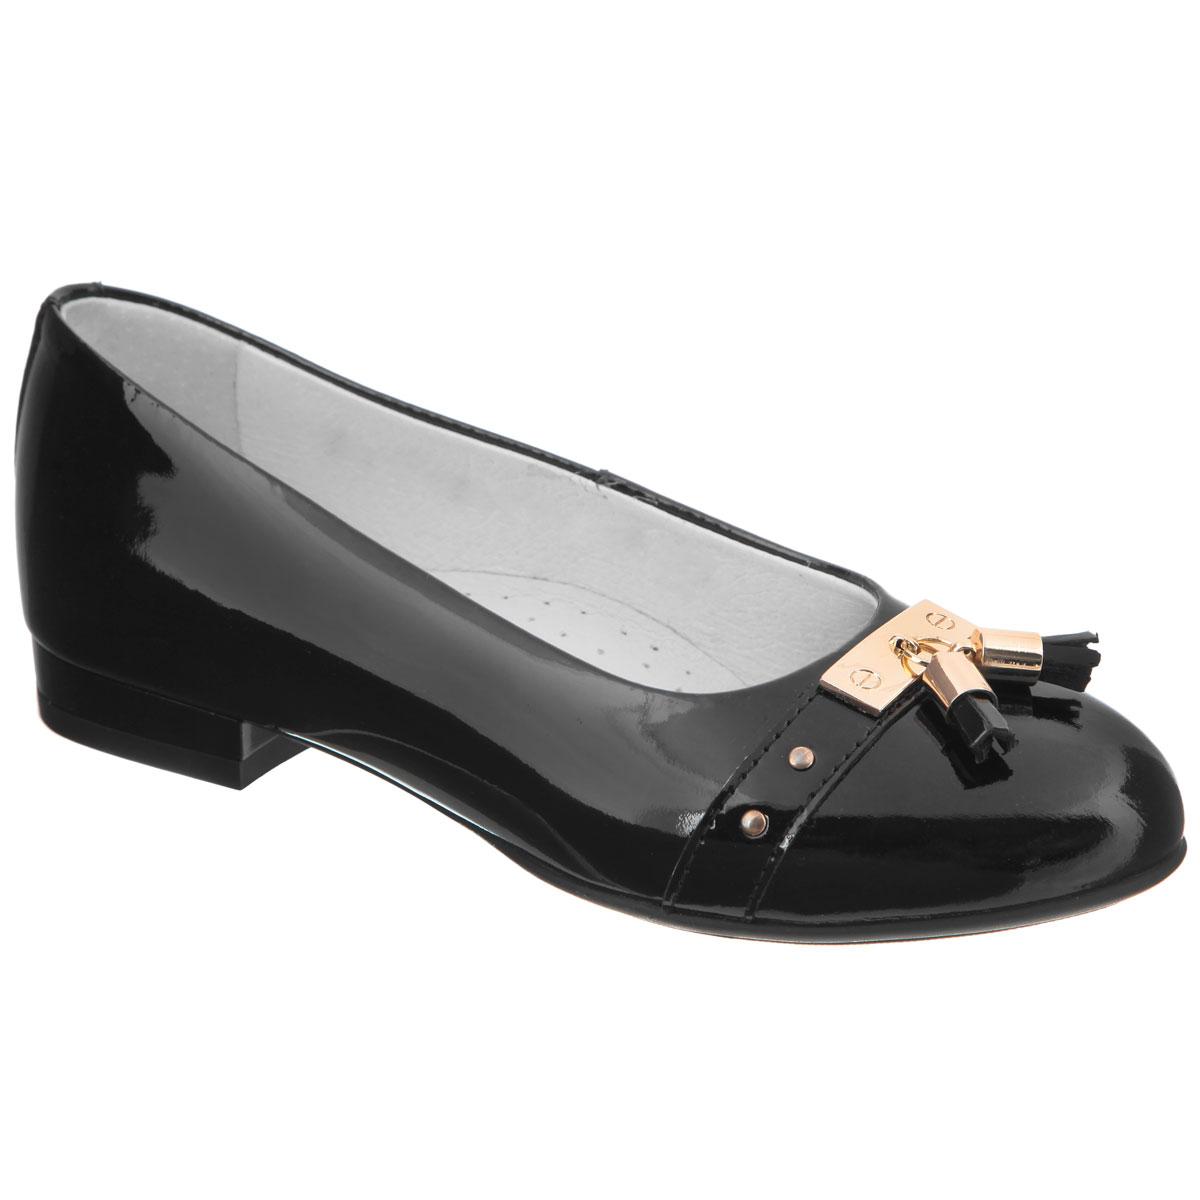 Туфли для девочки. 5-5159214015-515921401Элегантные туфли от Elegami придутся по душе вашей юной моднице! Модель на небольшом устойчивом каблучке изготовлена из натуральной лакированной кожи и оформлена задним наружным ремнем, на мысе - металлической пластиной с двумя кисточками и металлическими заклепками. Стелька из натуральной кожи дополнена супинатором, который обеспечивает правильное положение ноги ребенка при ходьбе, предотвращает плоскостопие. Рифленая поверхность подошвы и каблука защищает изделие от скольжения. Удобные туфли - незаменимая вещь в гардеробе каждой девочки.